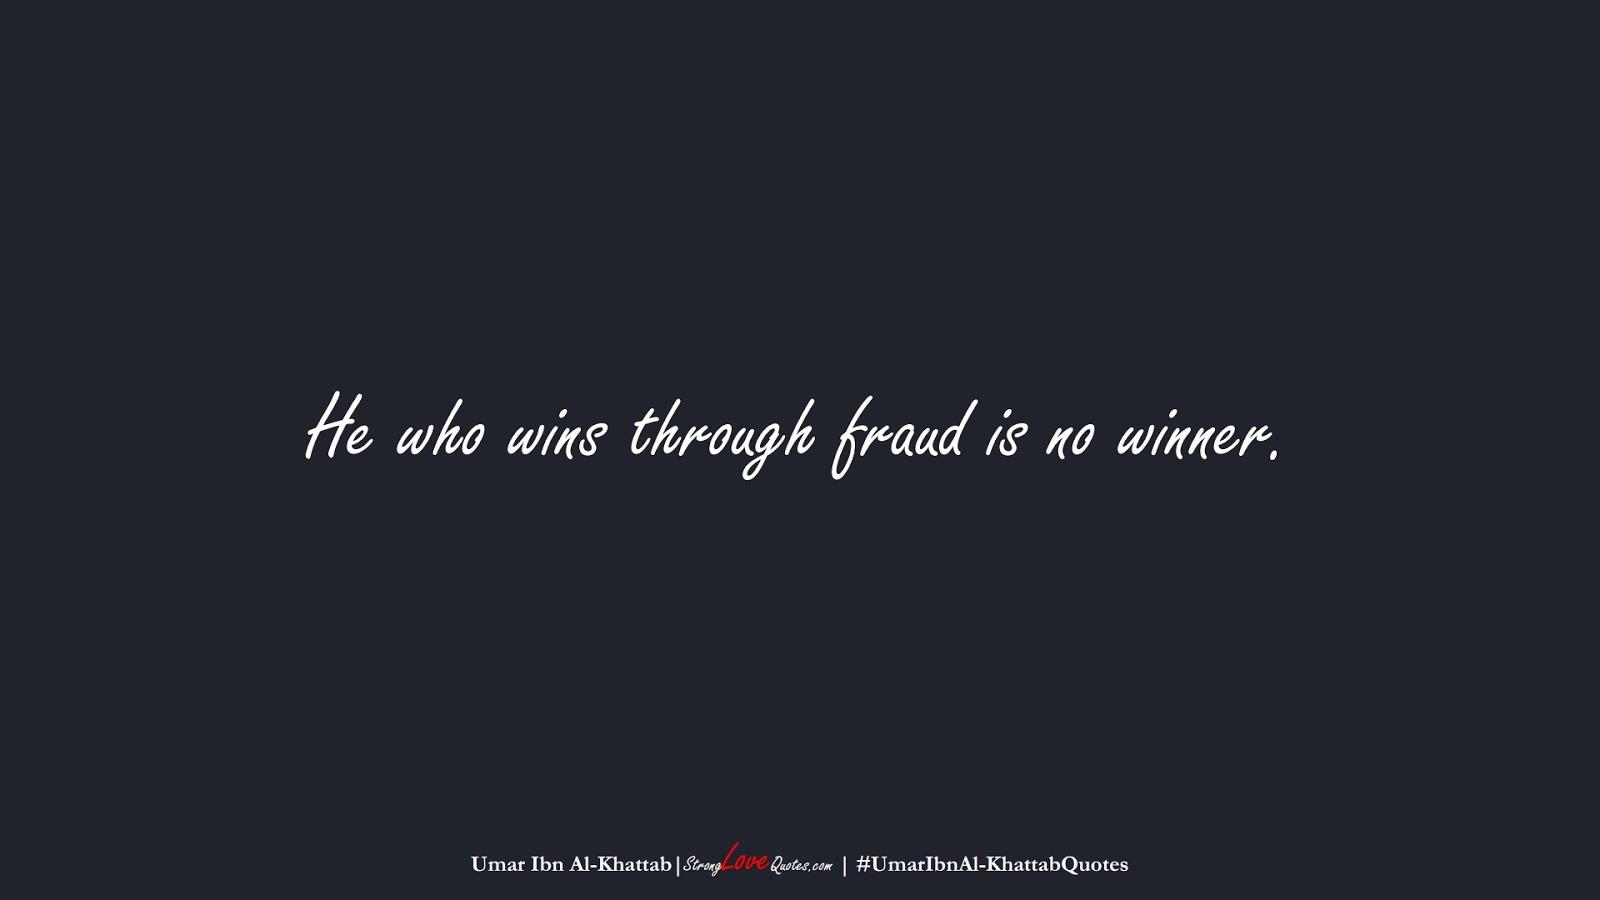 He who wins through fraud is no winner. (Umar Ibn Al-Khattab);  #UmarIbnAl-KhattabQuotes